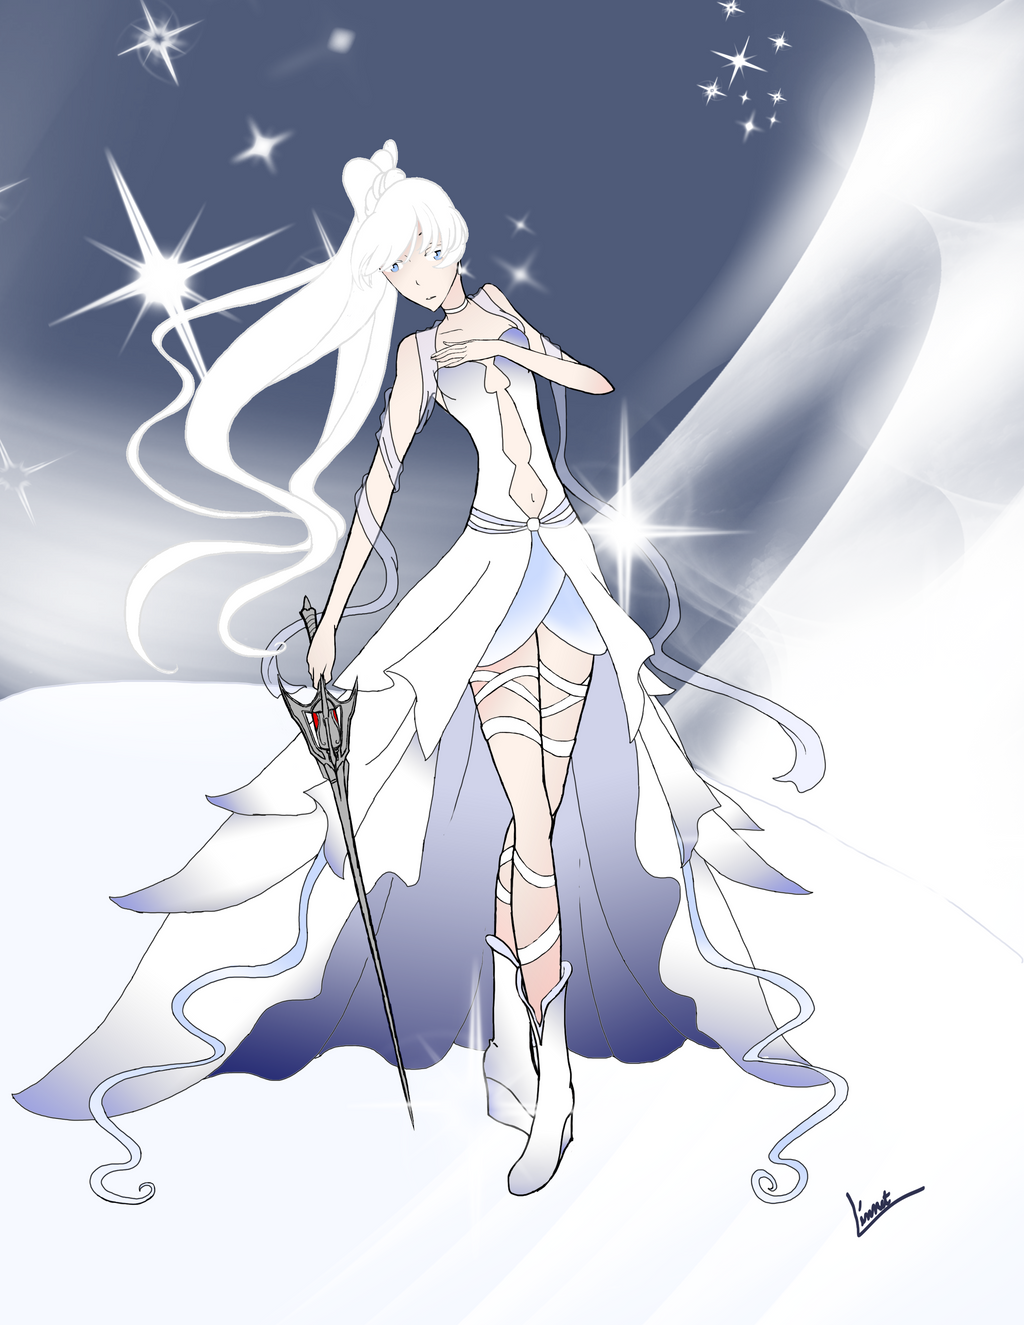 Princess Weiss Schnee by XLinnetX